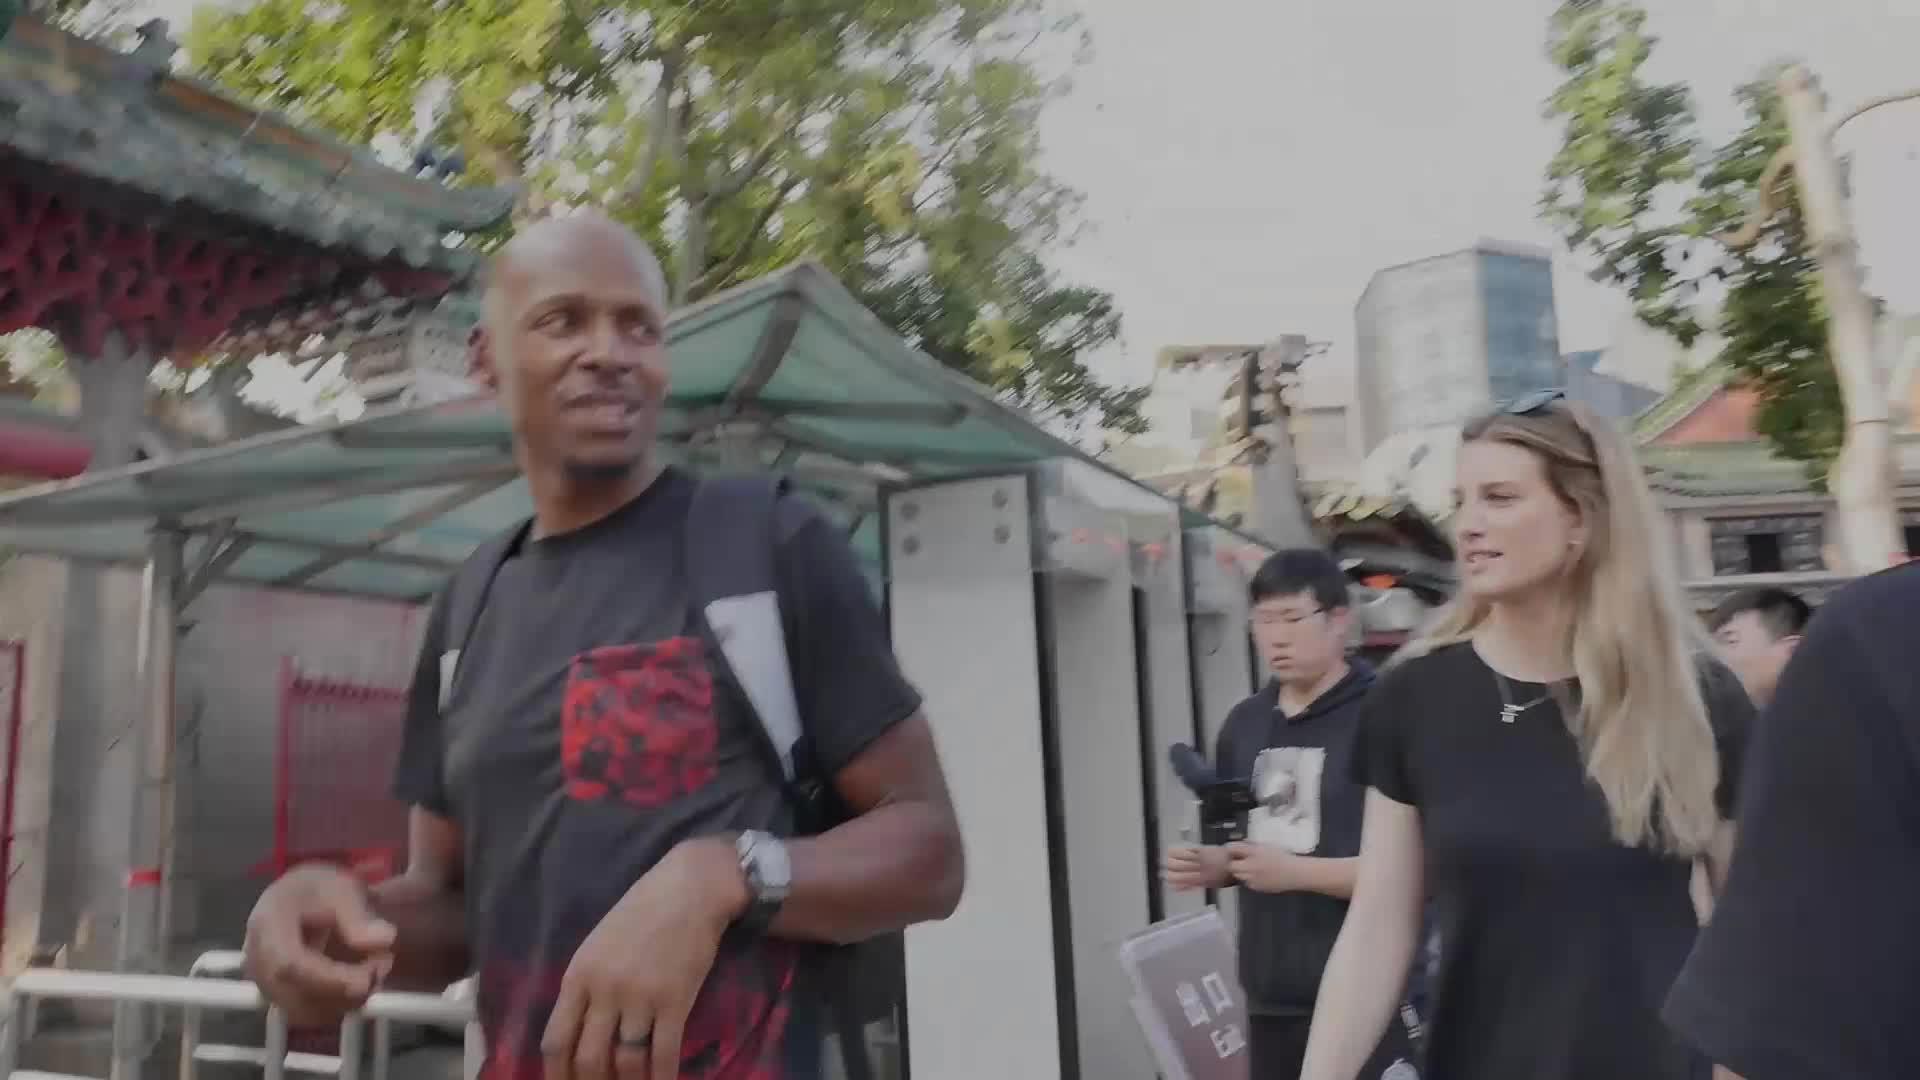 雷阿伦中国行VLOG,跟着君子雷去看看广东篮球吧